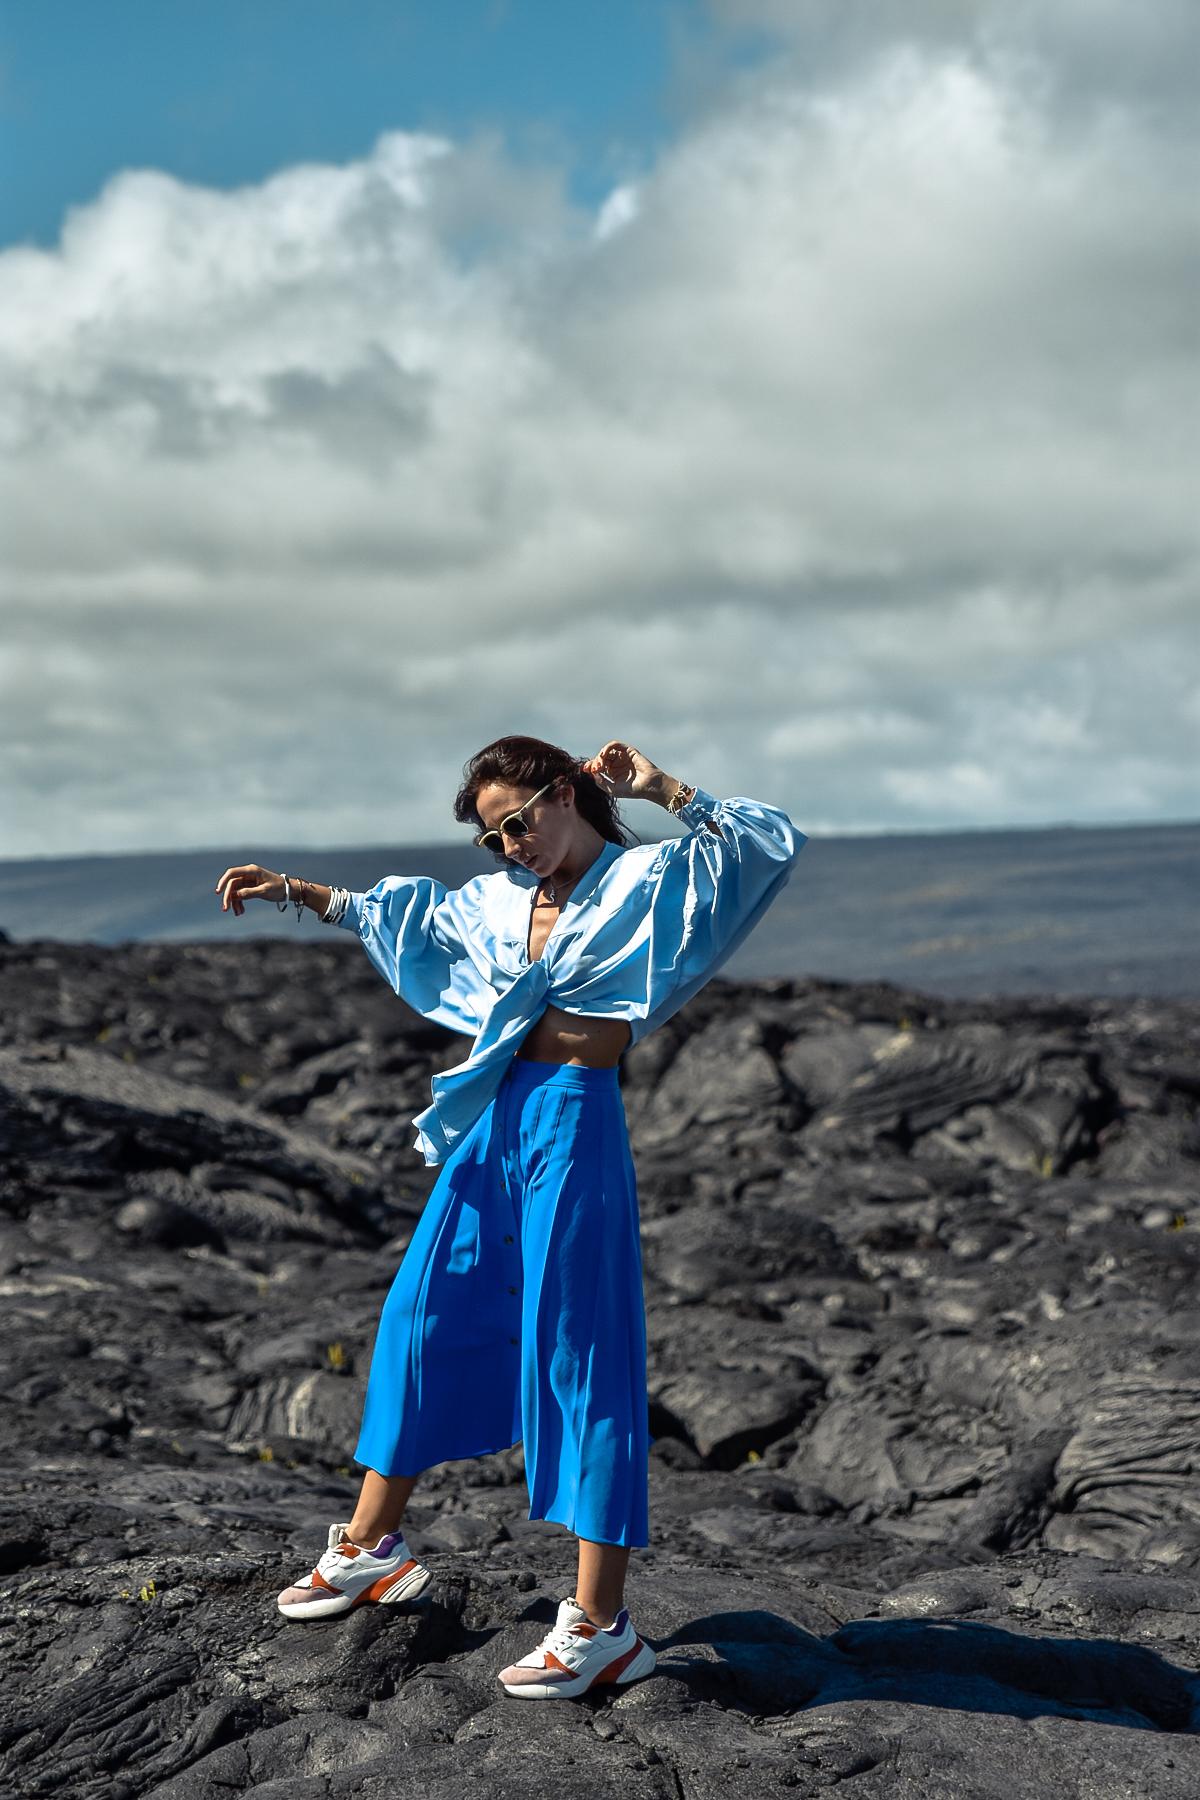 el-blog-de-silvia-blusa-azul-viaje-hawaii-14